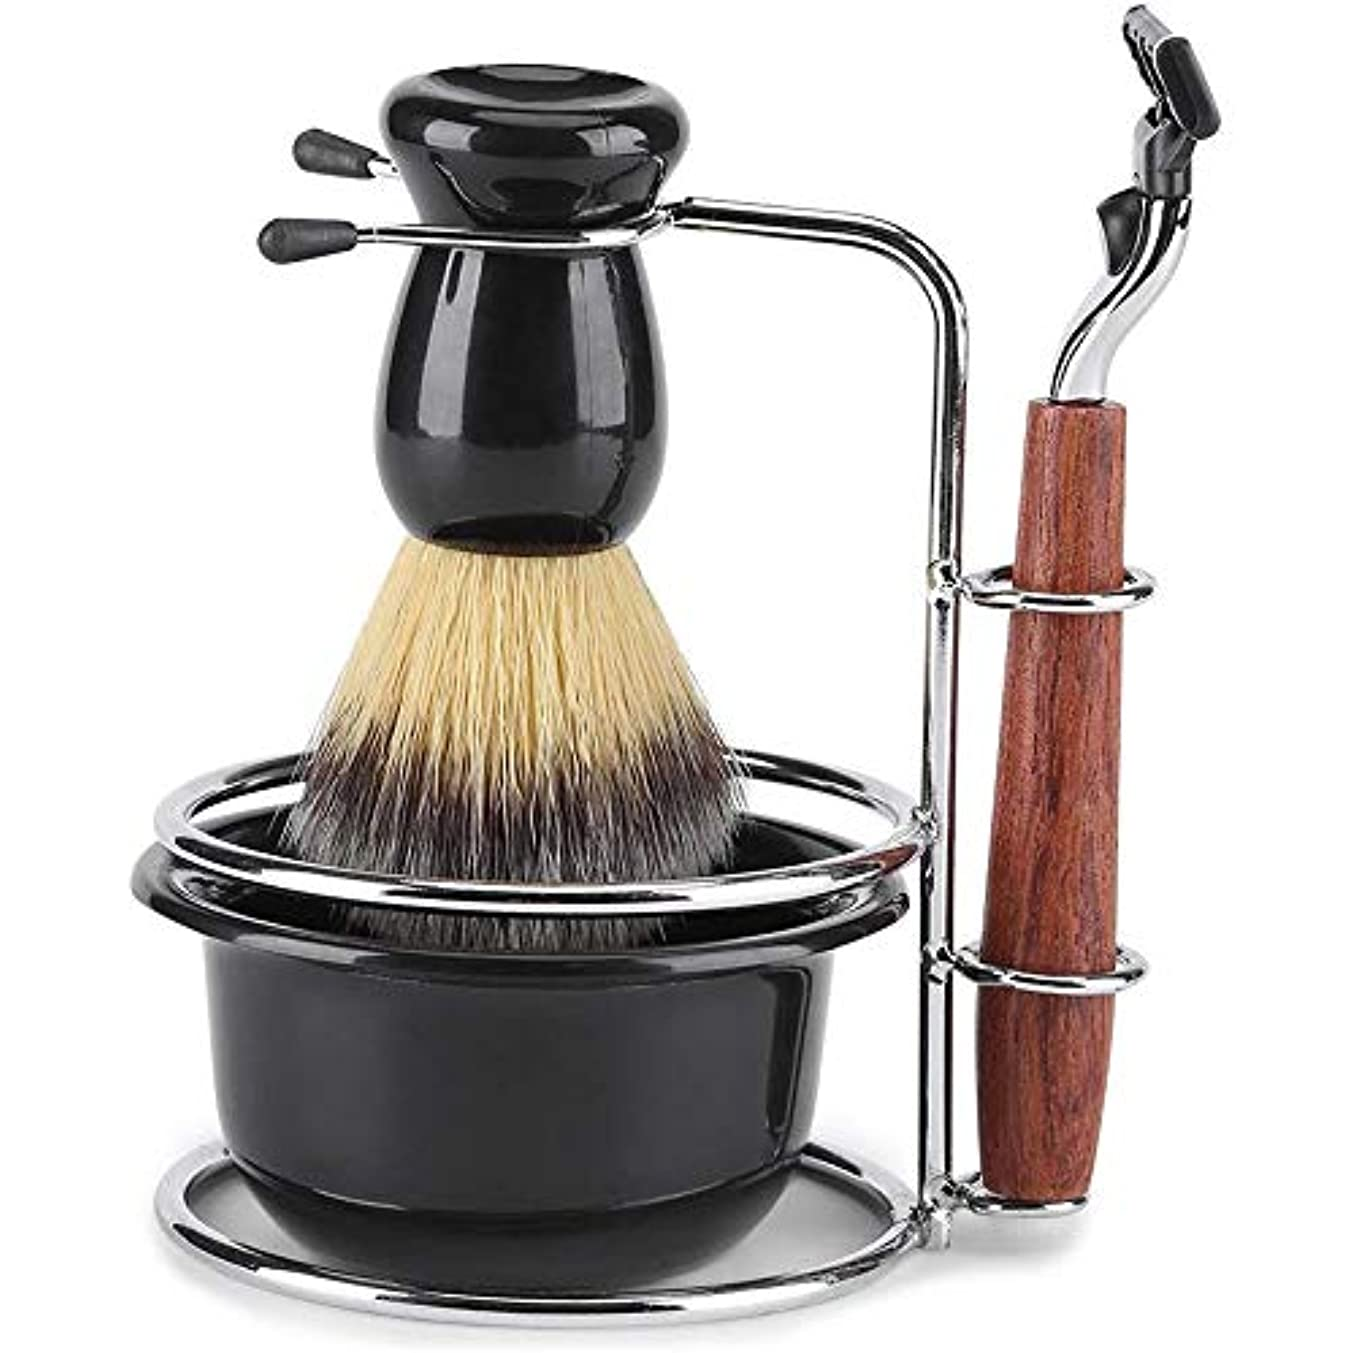 相互接続有効裁判所4セットシェービングブラシセットプラシスタンド 石鹸ボウル父の日プレゼント ひげブラシ シェービングブラシ 洗顔 髭剃り